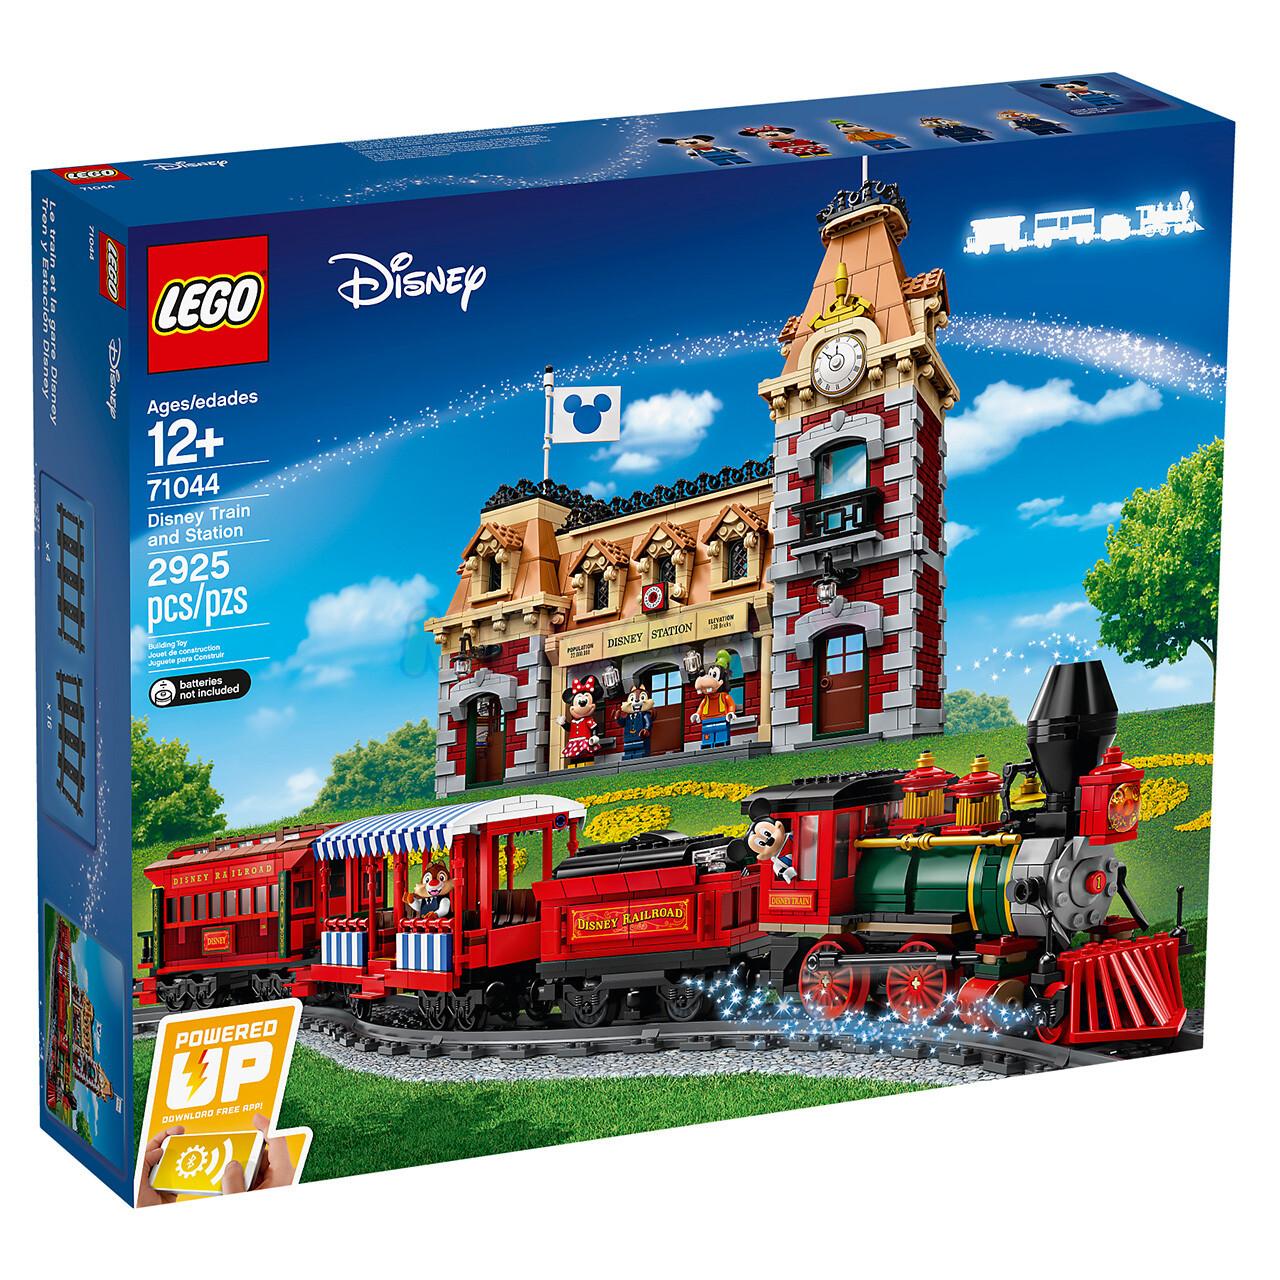 Электромеханический конструктор LEGO Disney Princess 71044 Поезд и станция